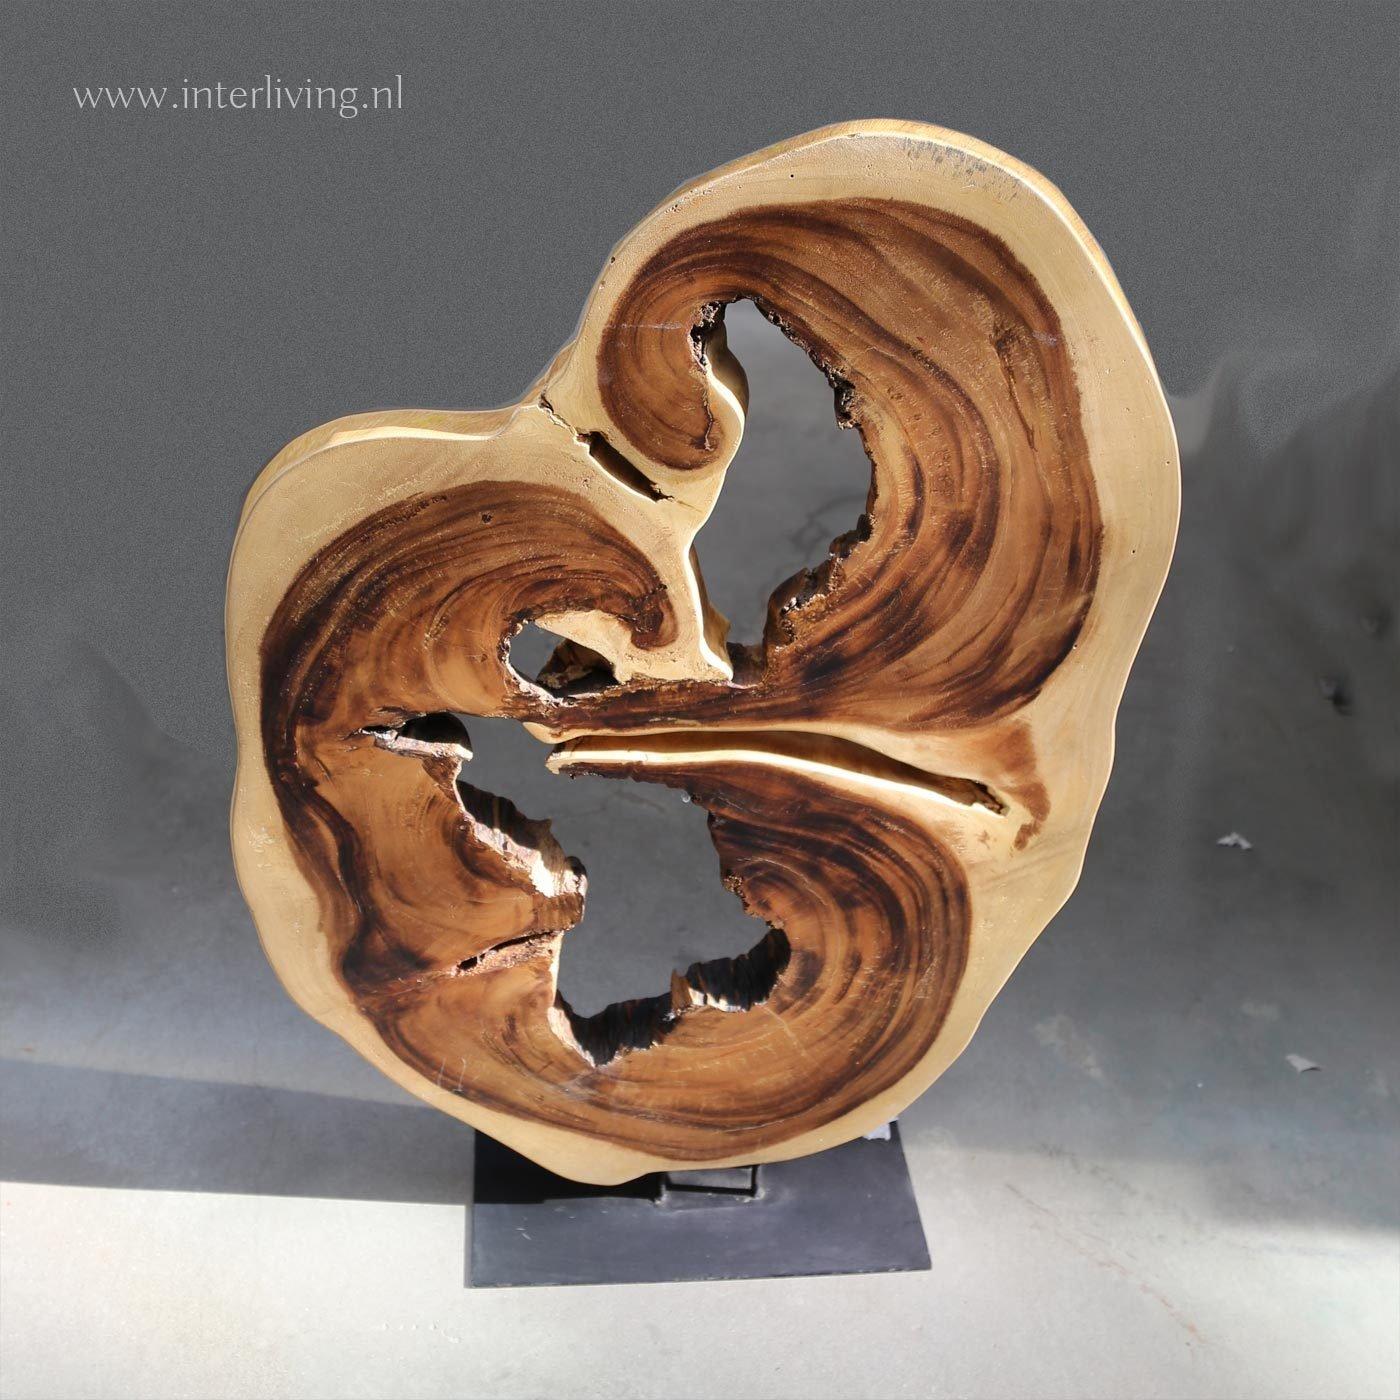 kunst object wortelhout - teakhouten woonaccessoire decoratie